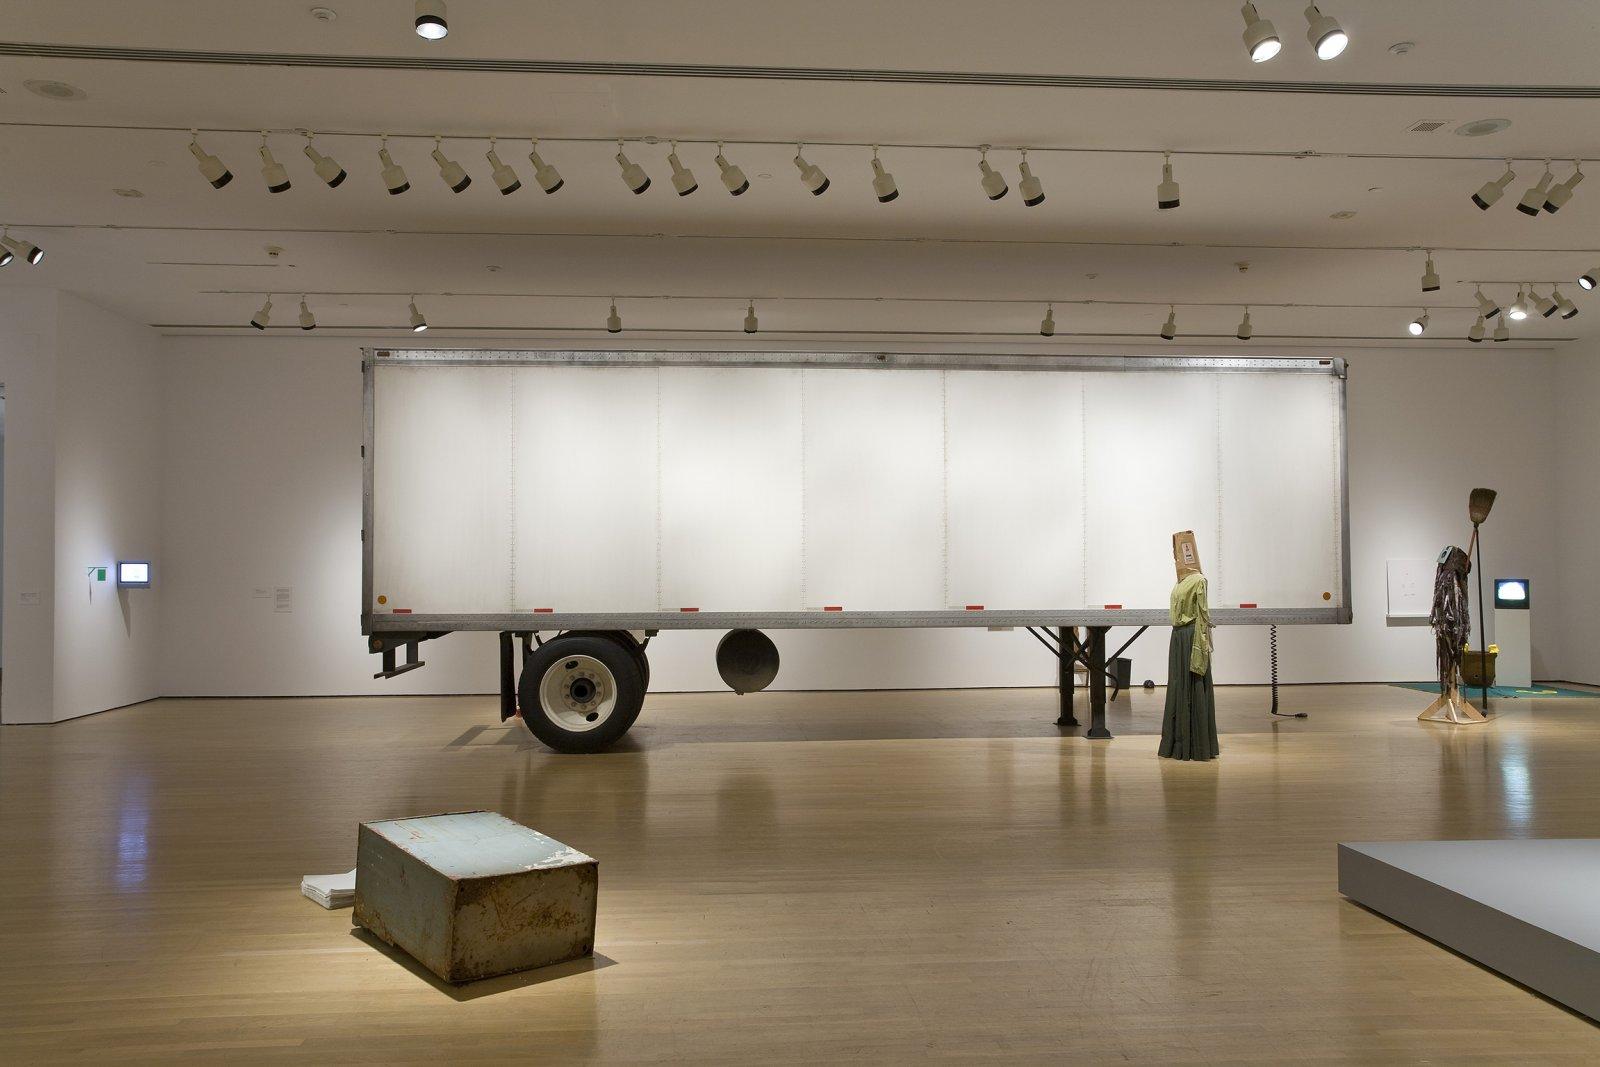 Geoffrey Farmer,Trailer, 2002, steel, fiberboard, mixed media, 134 x 87 x 354 in. (340 x 220 x 900 cm). Installation view, Musée d'art contemporain de Montréal, 2008